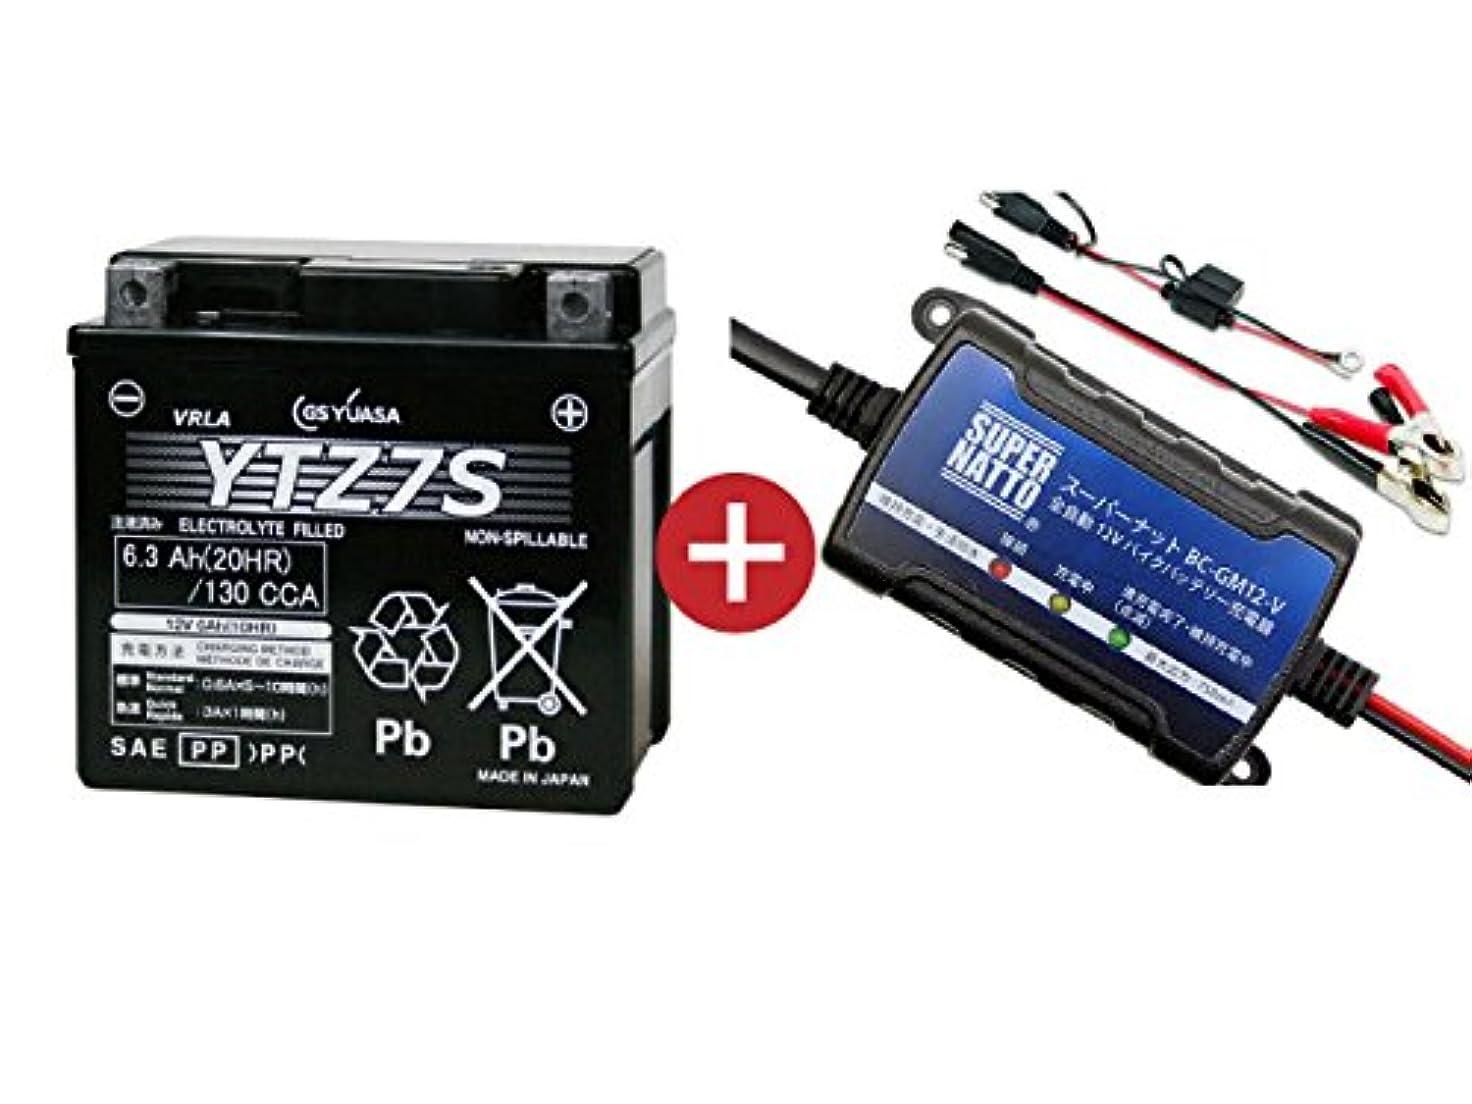 確かなイベントなにバイクバッテリー充電器+YTZ7Sセット■■GSユアサ(YUASA)【長寿命?保証書付】【日本語説明書付き